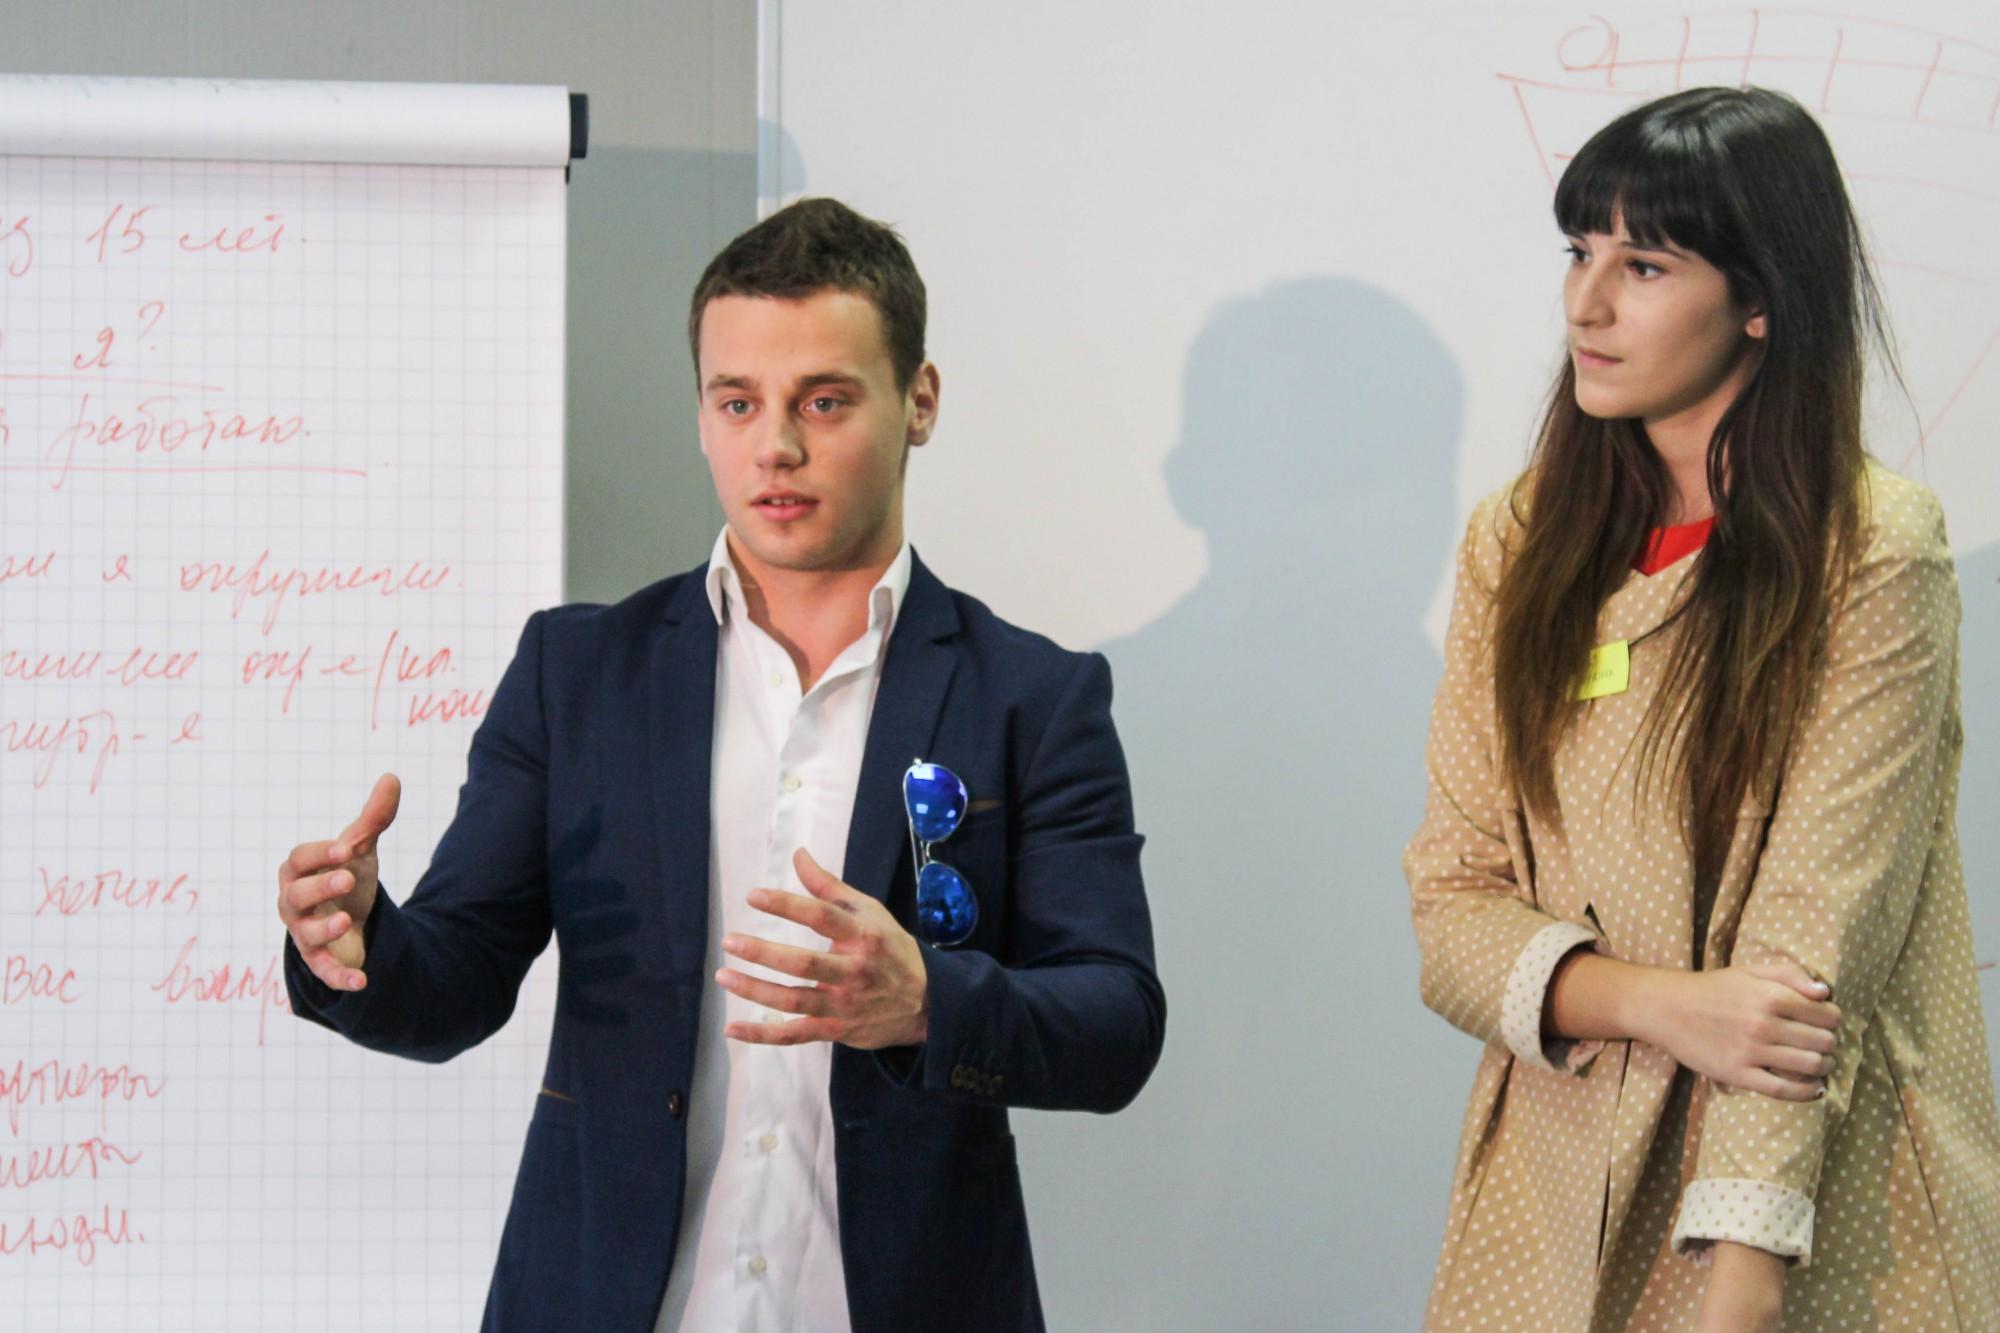 менеджмент высшее образование москва